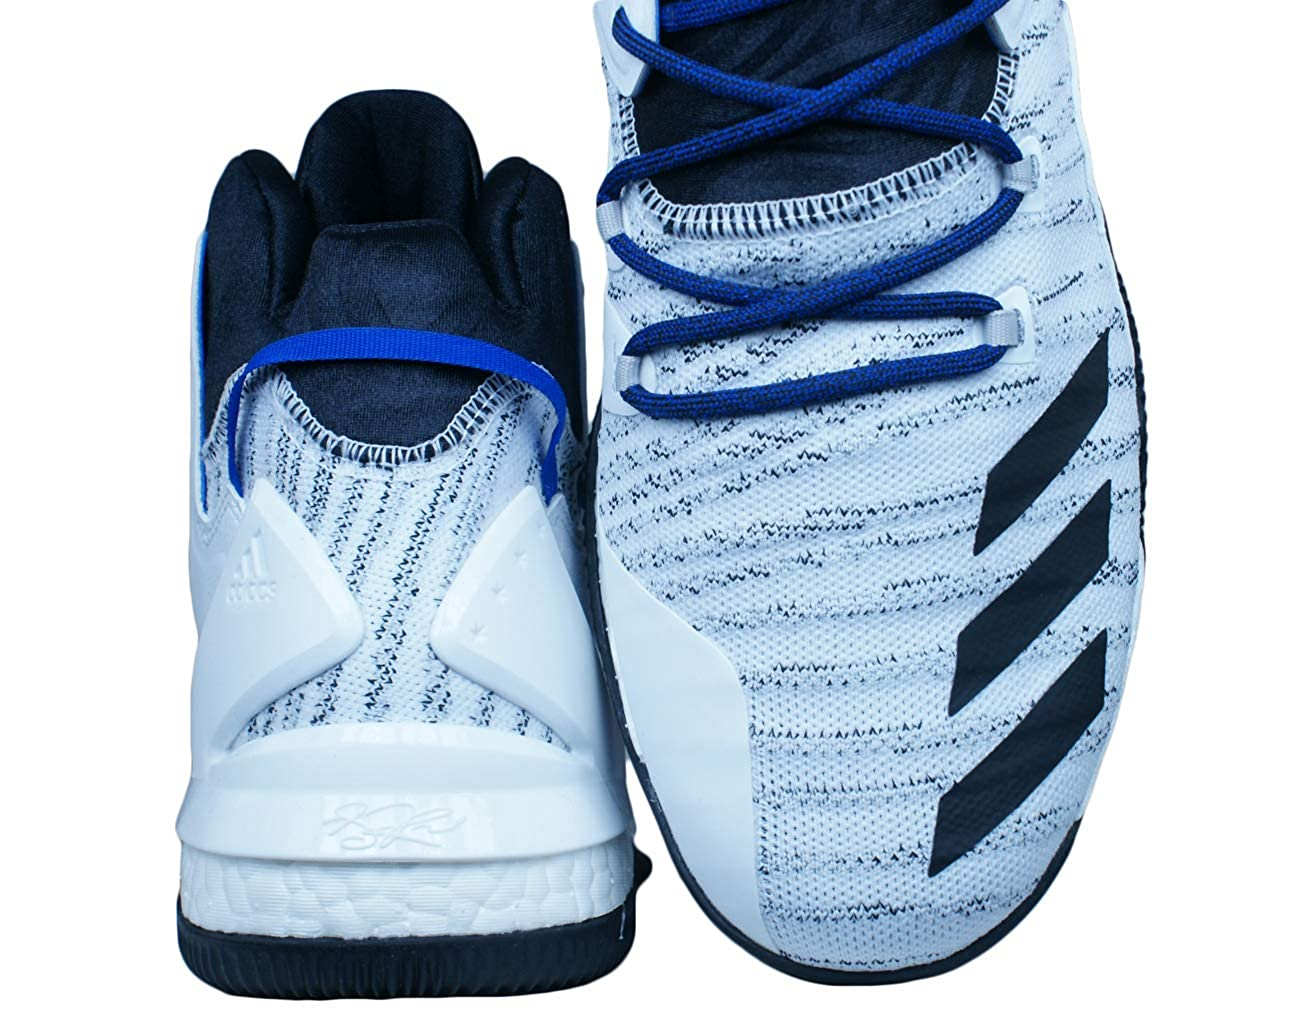 Adidas Herren D Rosa Rosa Rosa 7 Primeknit Basketballschuhe gelb B07JVFXNRL Basketballschuhe Hohe Qualität und Wirtschaftlichkeit 2f2953